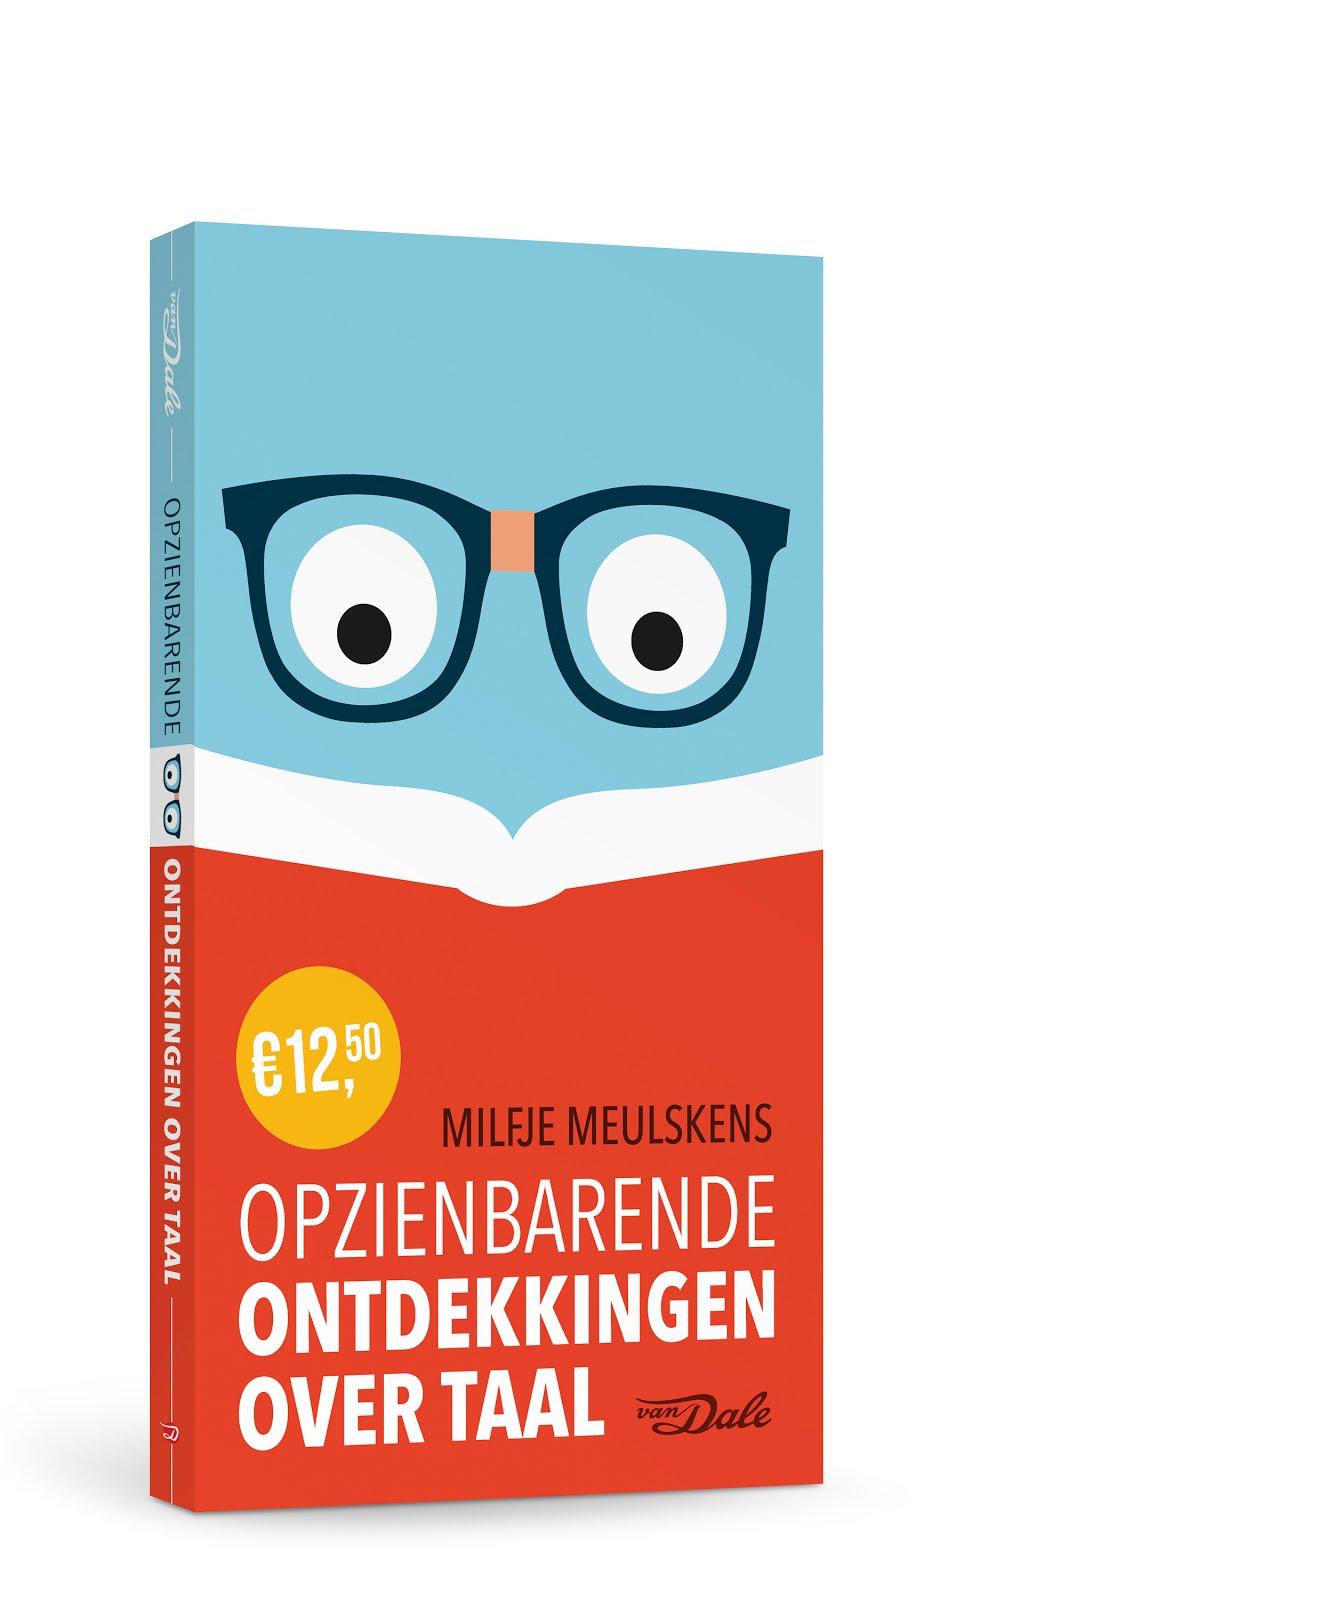 Milfjes nieuwe boek!